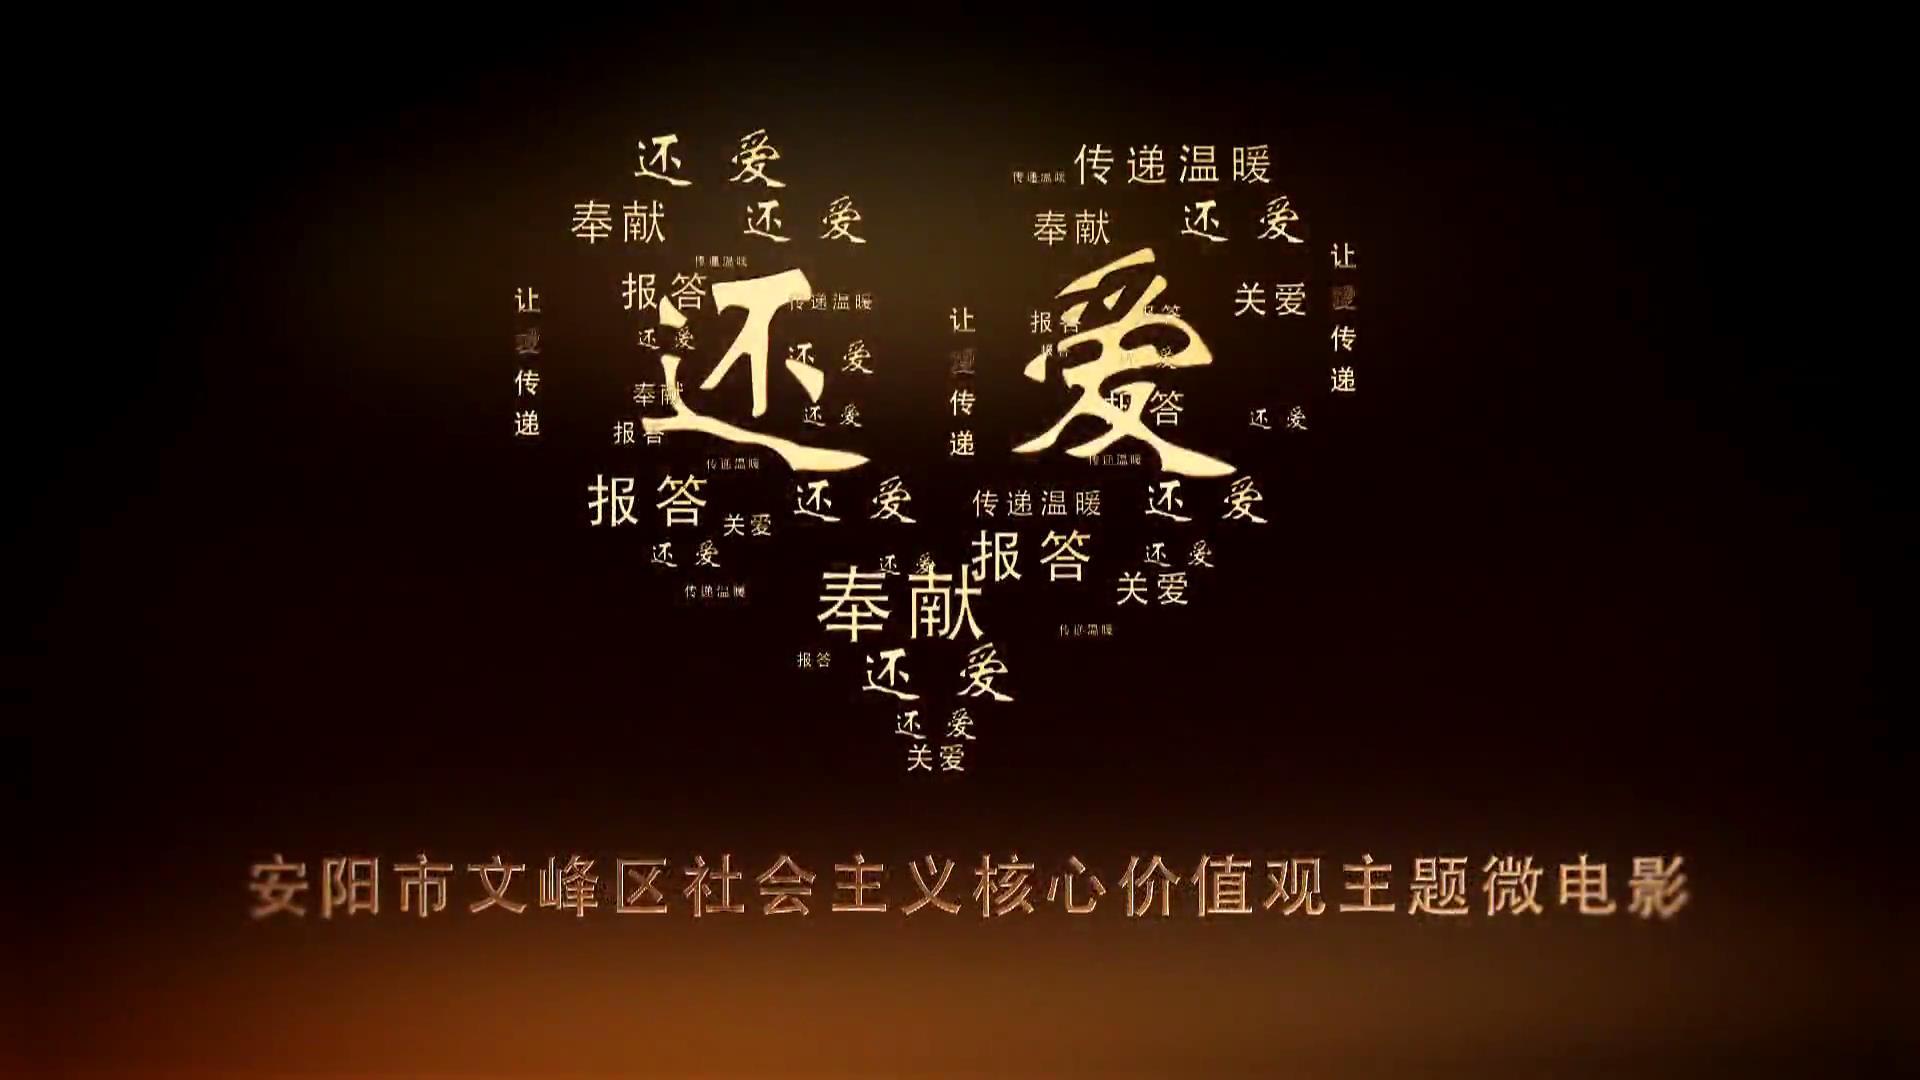 河南安阳微电影《还爱》[00_00_13][20190516-100007].jpg